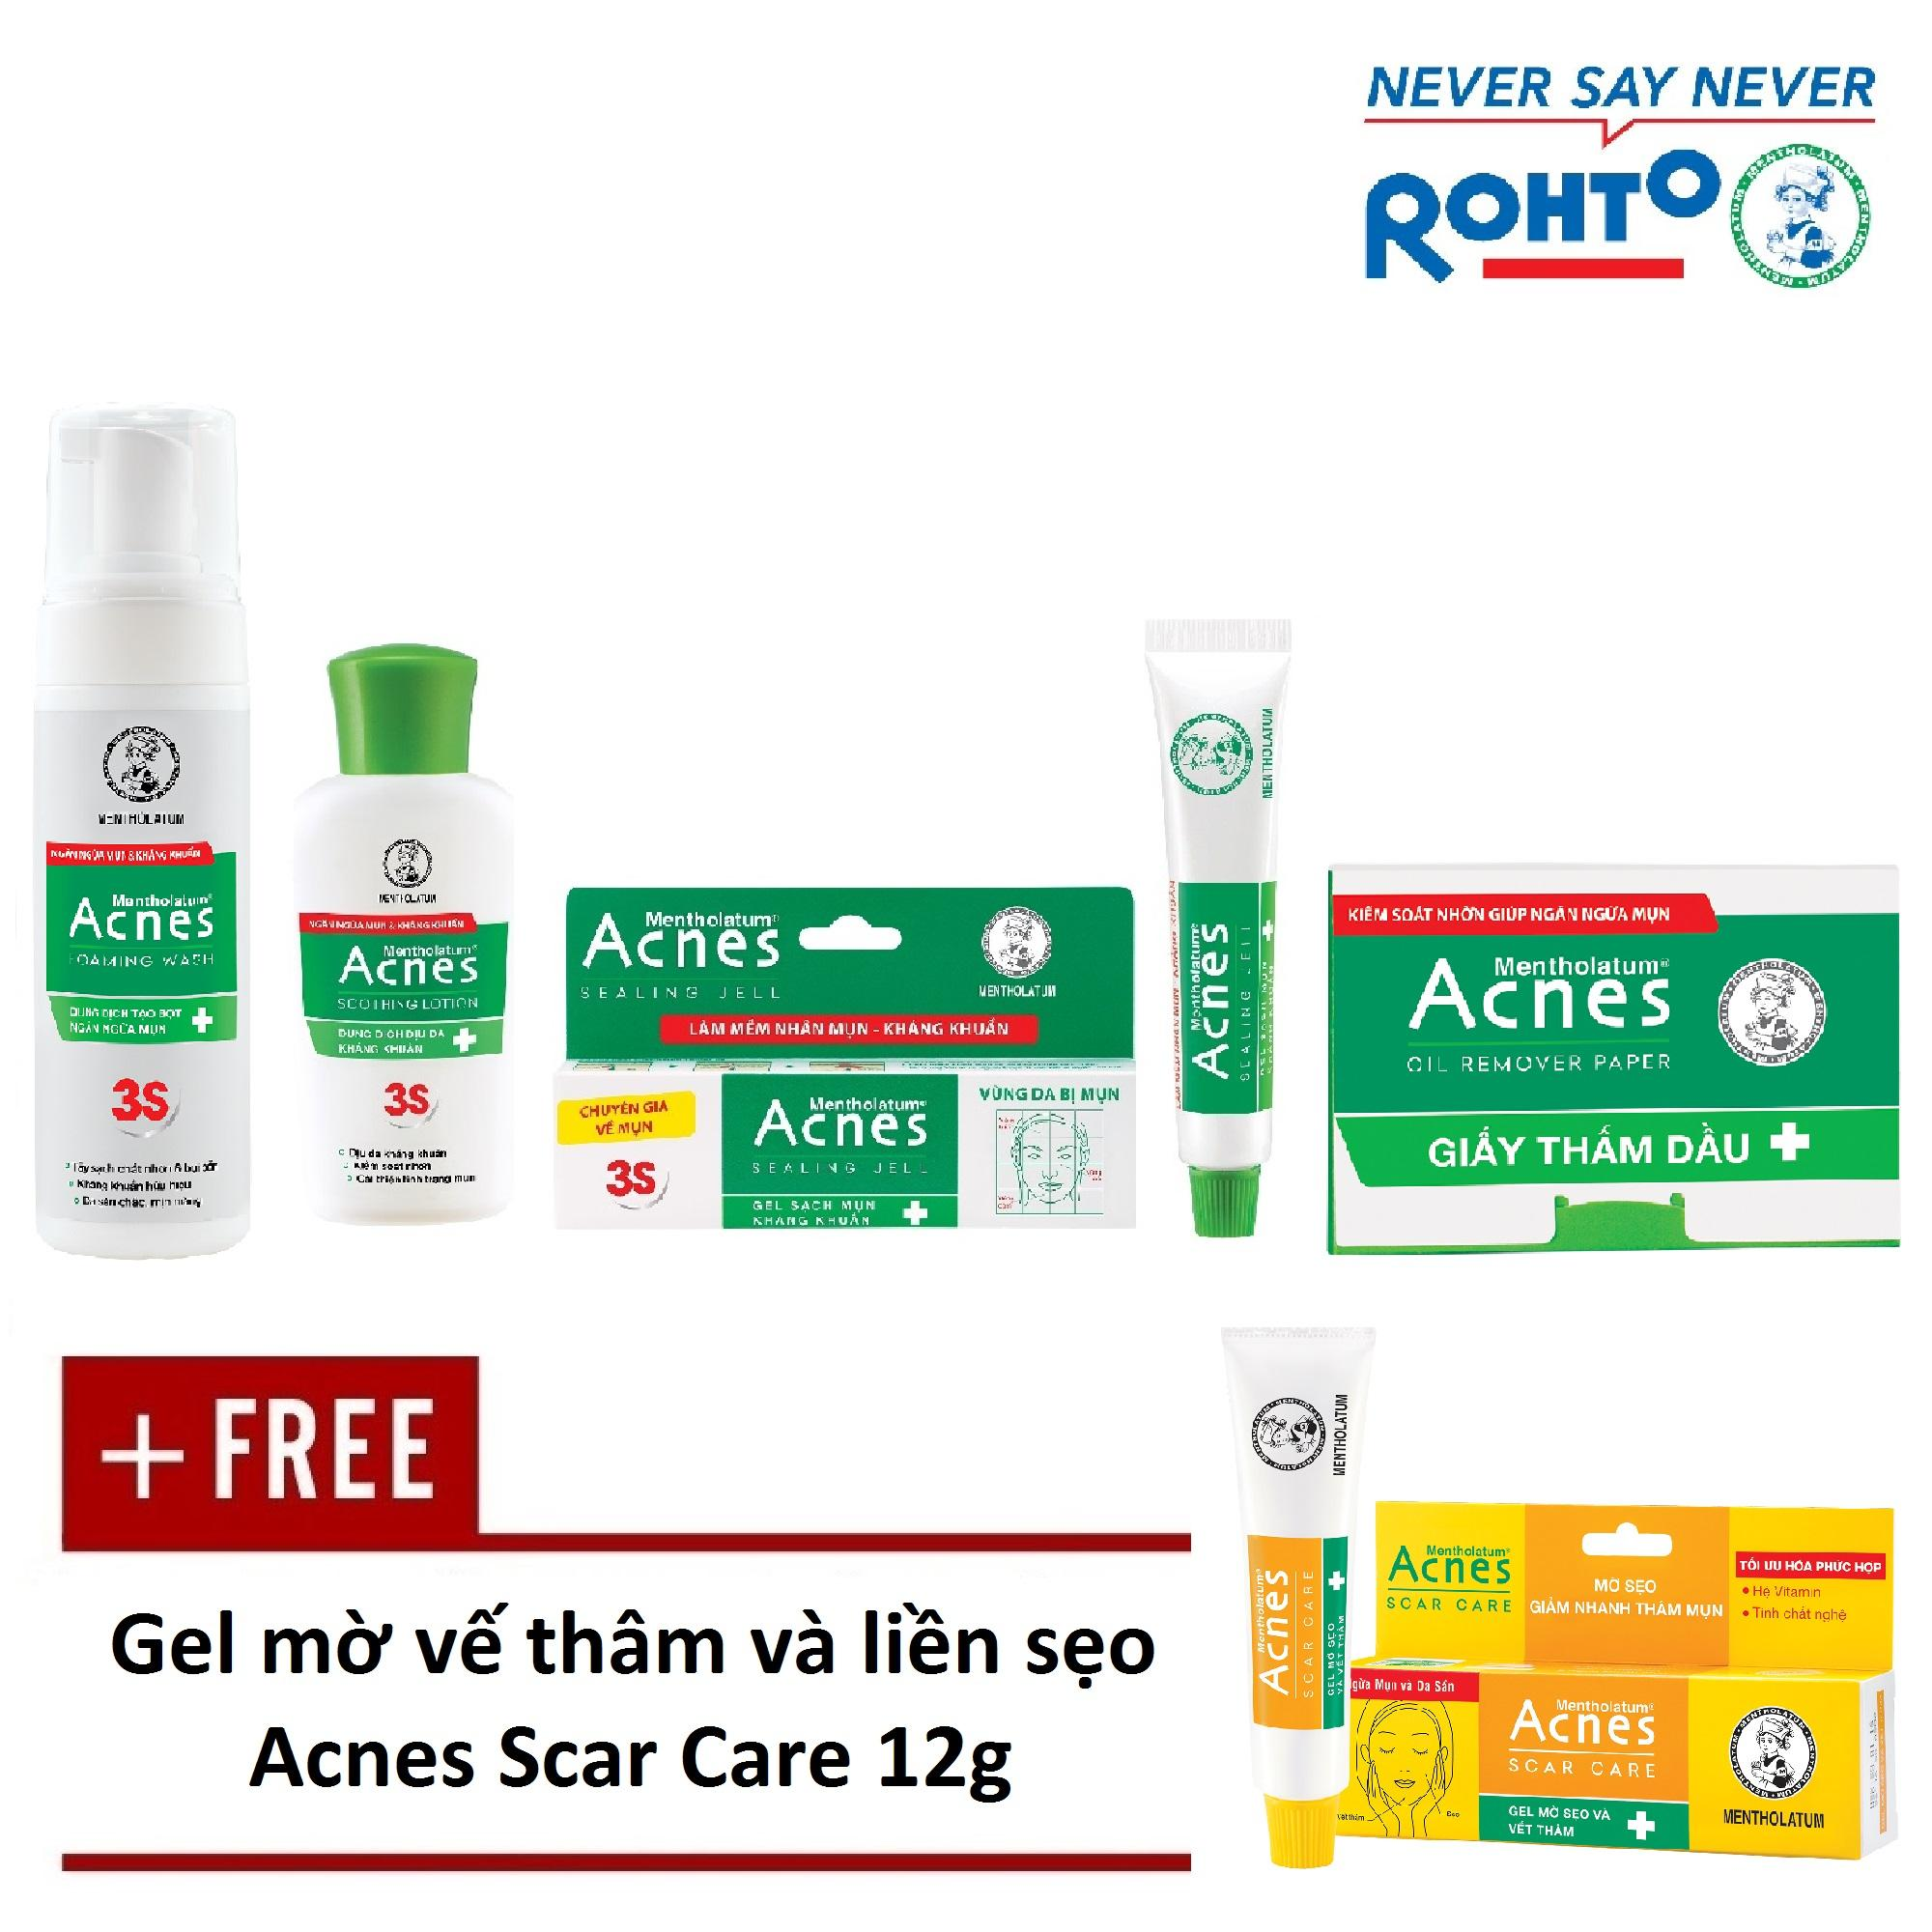 Hình ảnh Bộ sản phẩm trị mụn Rohto Acnes (da dầu/hỗn hợp) + Tặng 1 Gel mờ vết thâm, liền sẹo Acnes Scar Care 12g